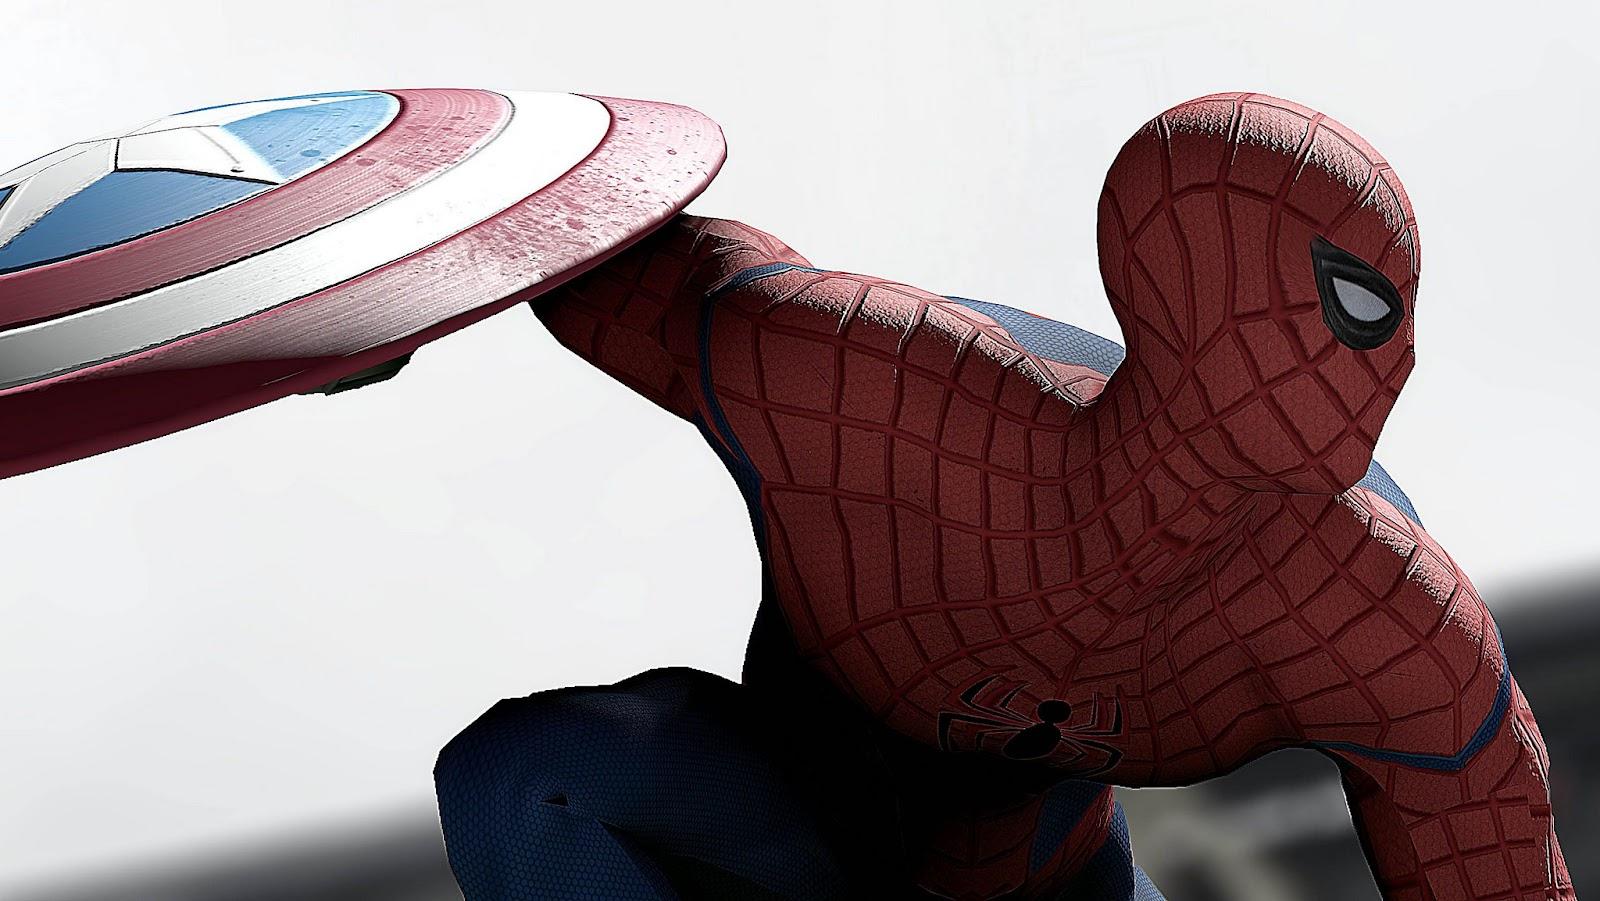 ケネス・チョイらが登場する「スパイダーマン : ホームカミング」は、来年2017年7月7日から全